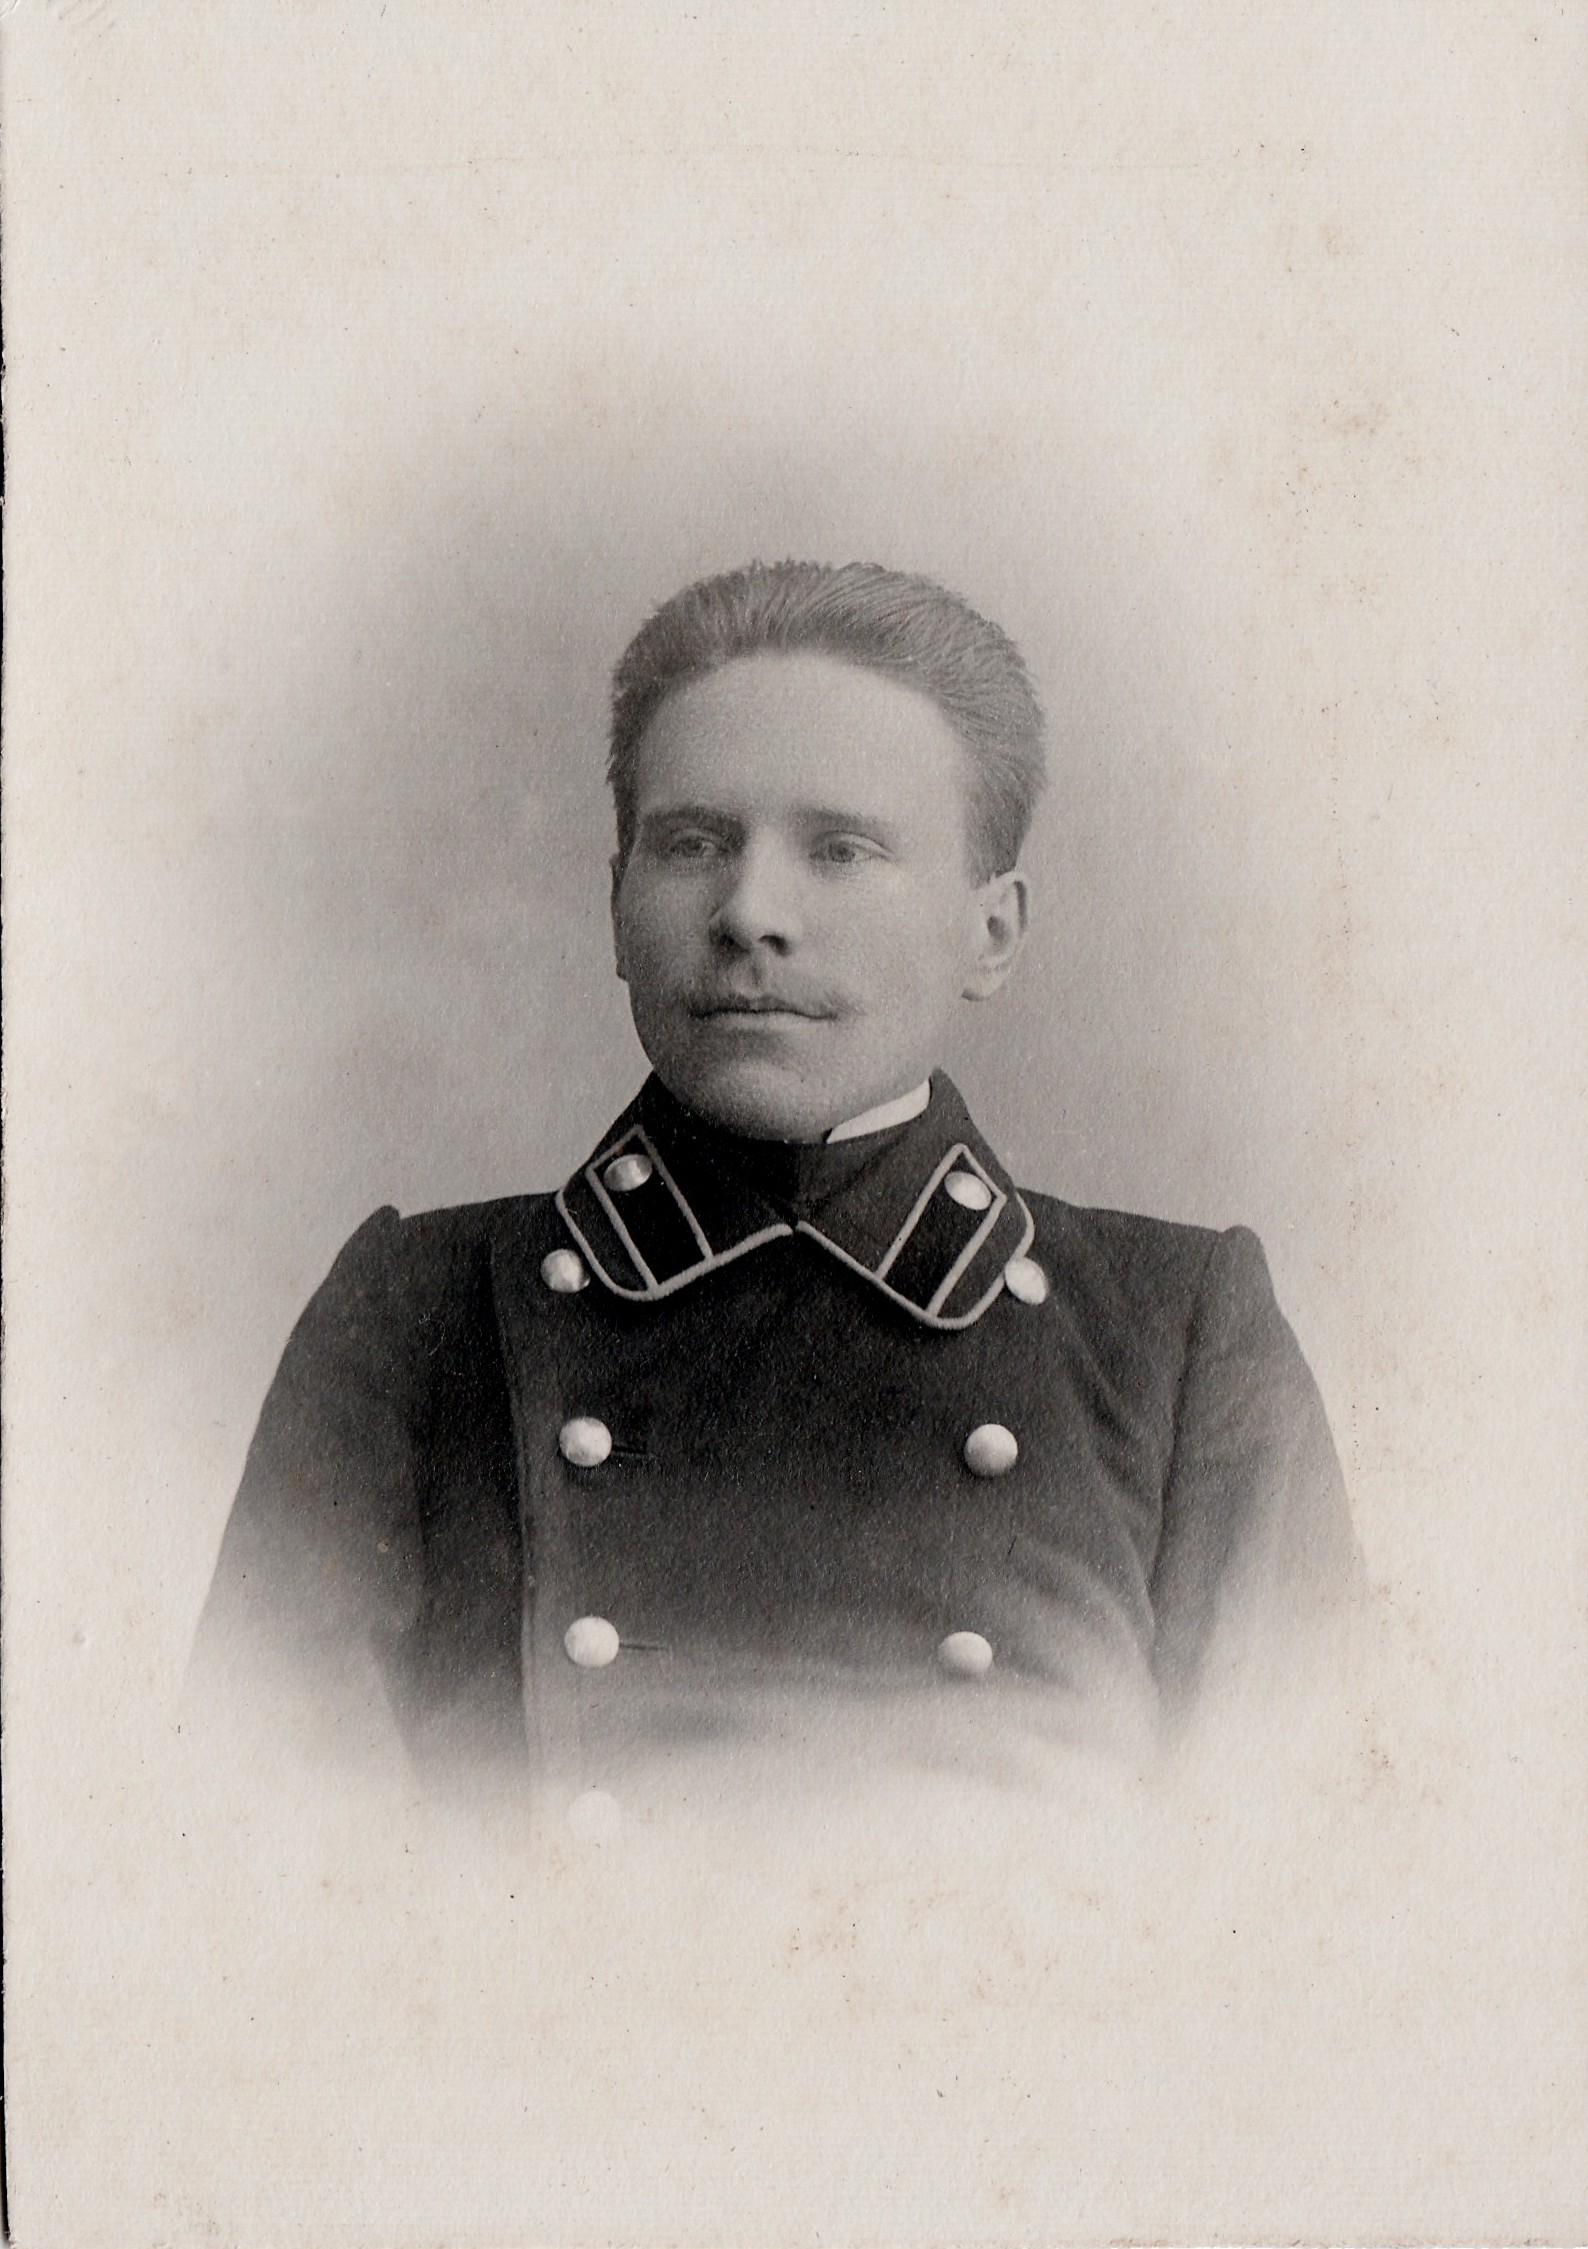 Студент Назарьевский Павел. II отделение 2 разряд.